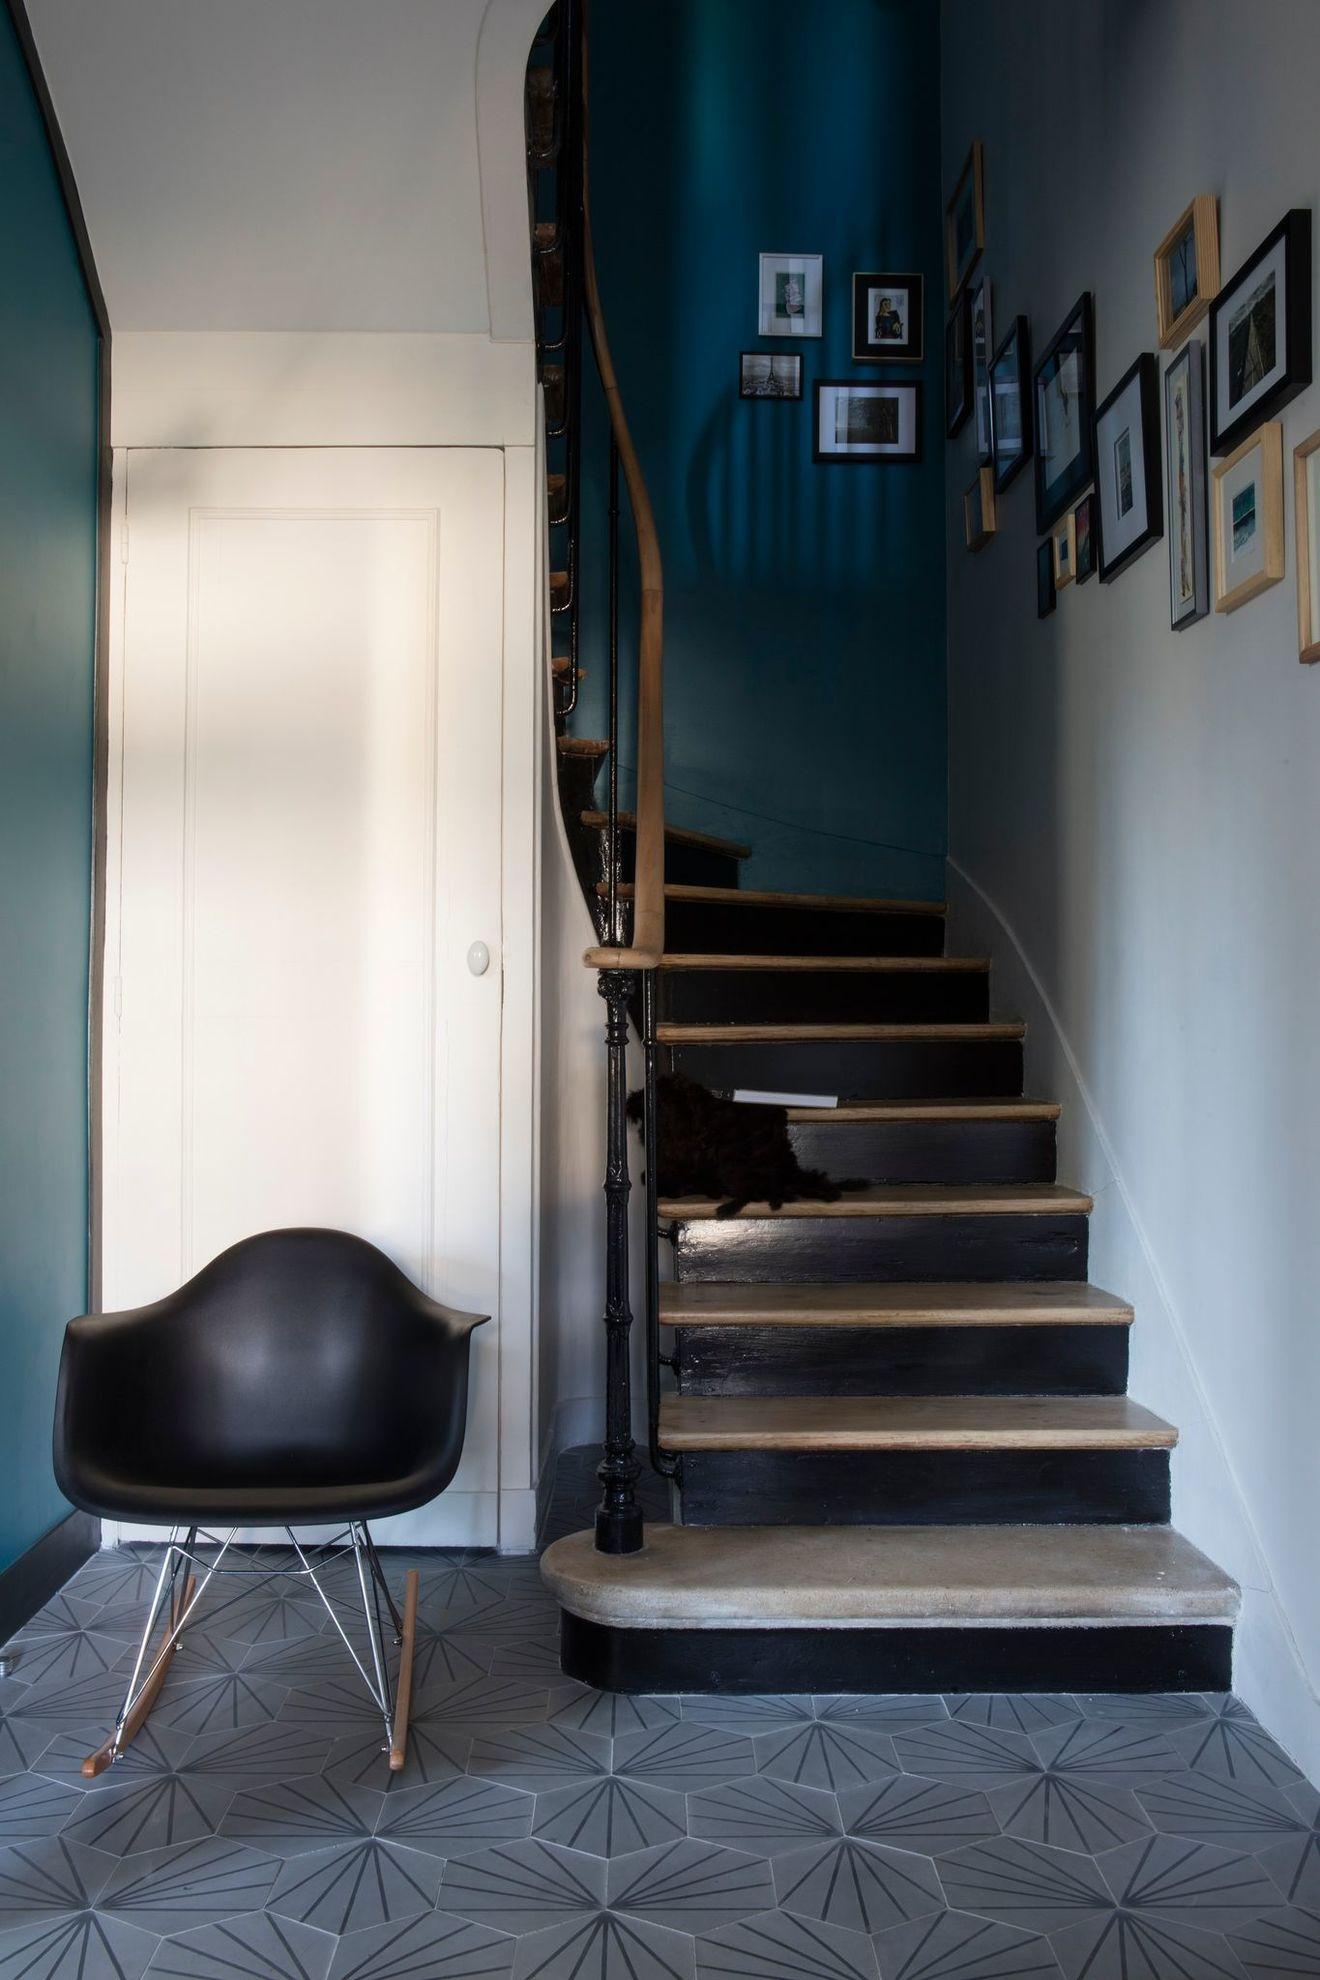 Escalier Dans Maison Ancienne déco cage d'escalier : idées relooking montée d'escalier